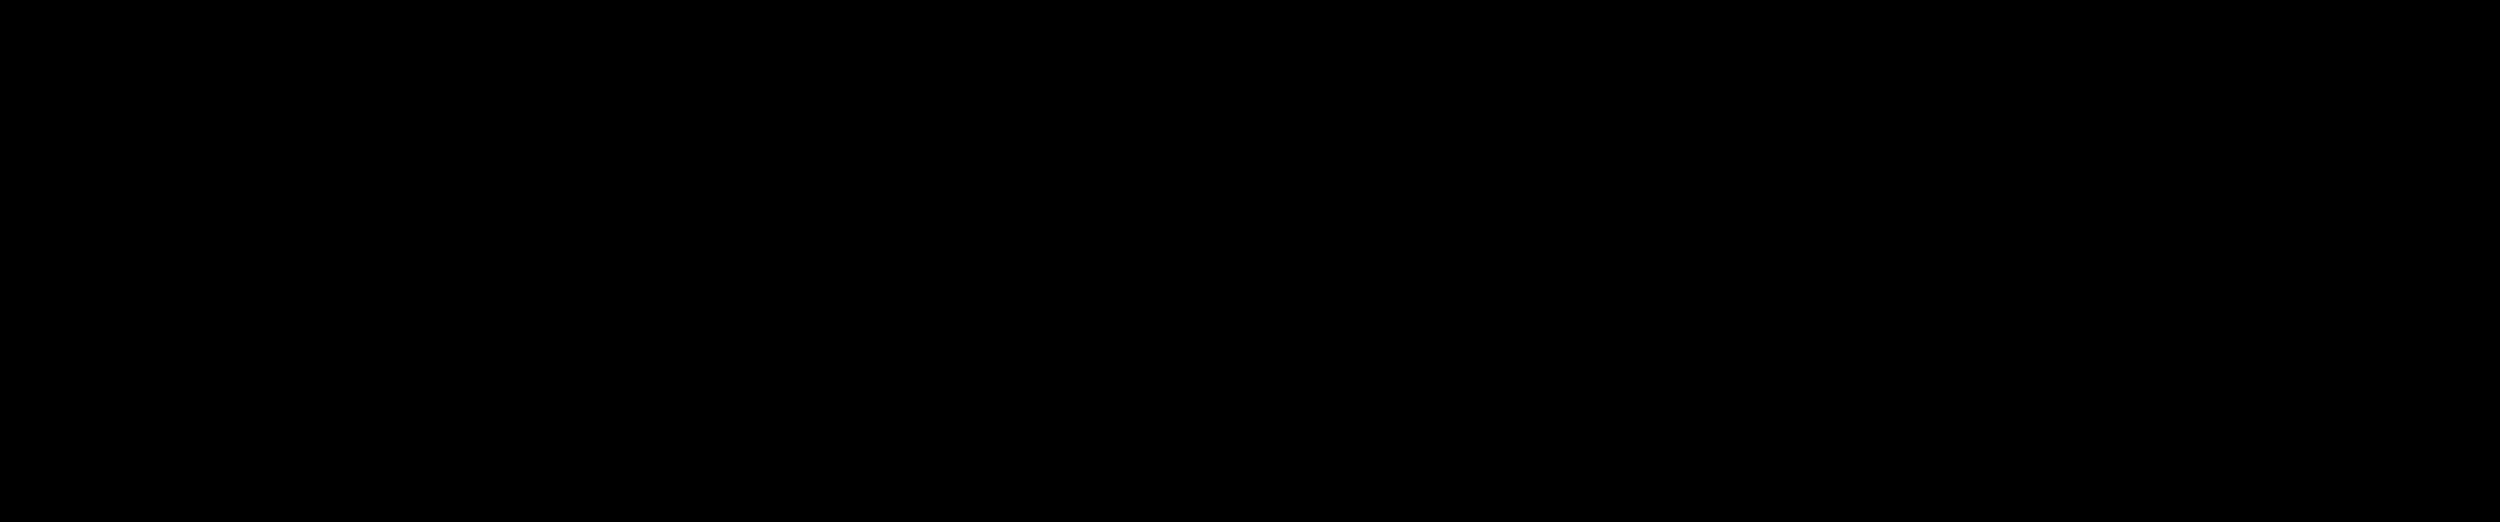 black-uber-logo-png-6.png